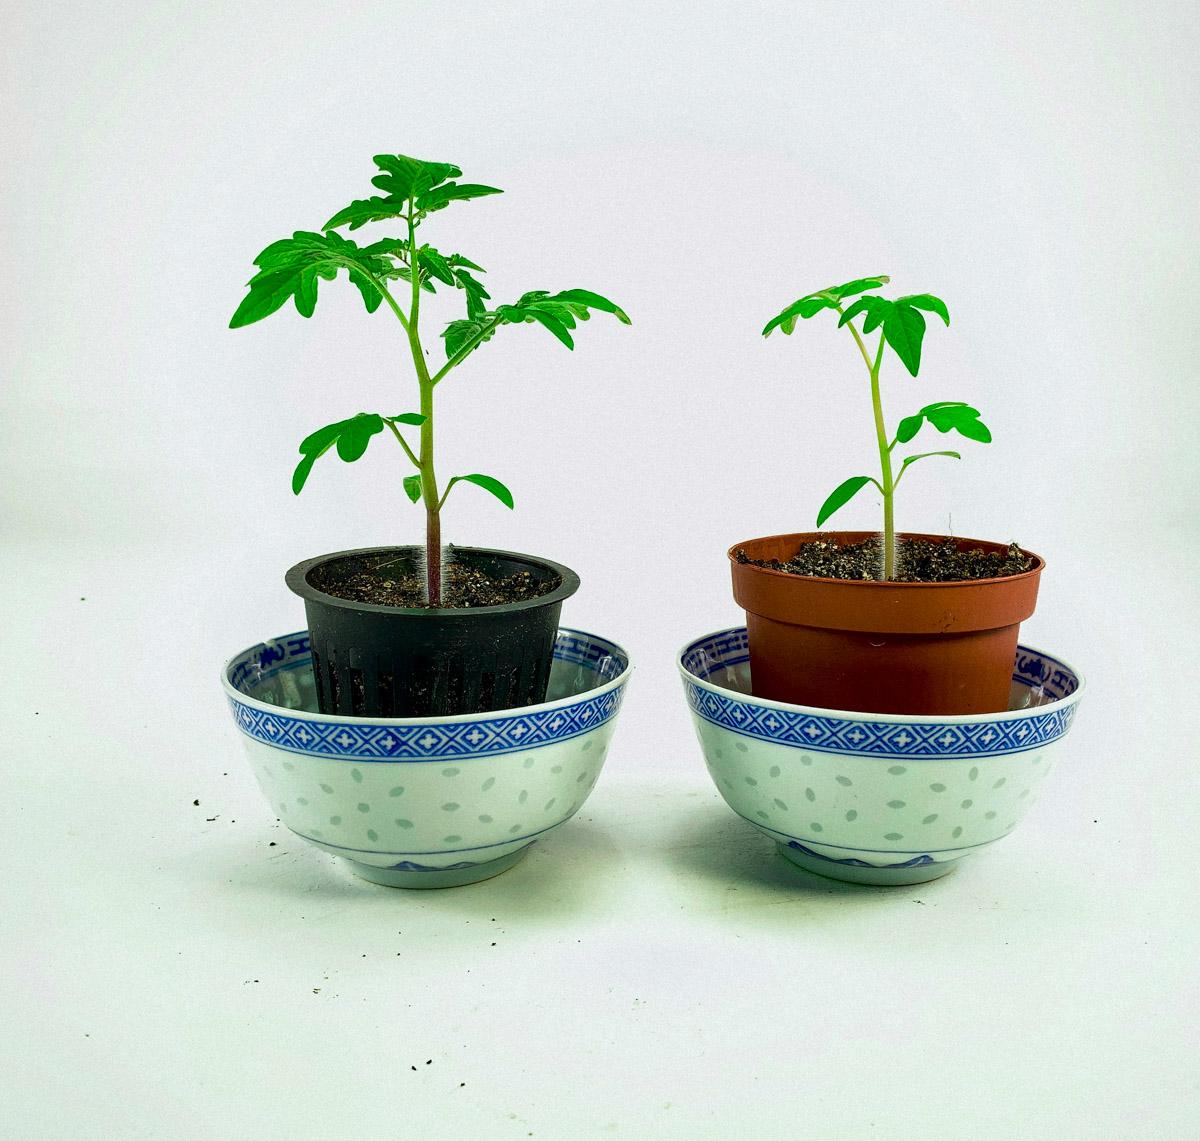 Verschil in groei: links plantje in Airpotje, rechts in gewoon potje